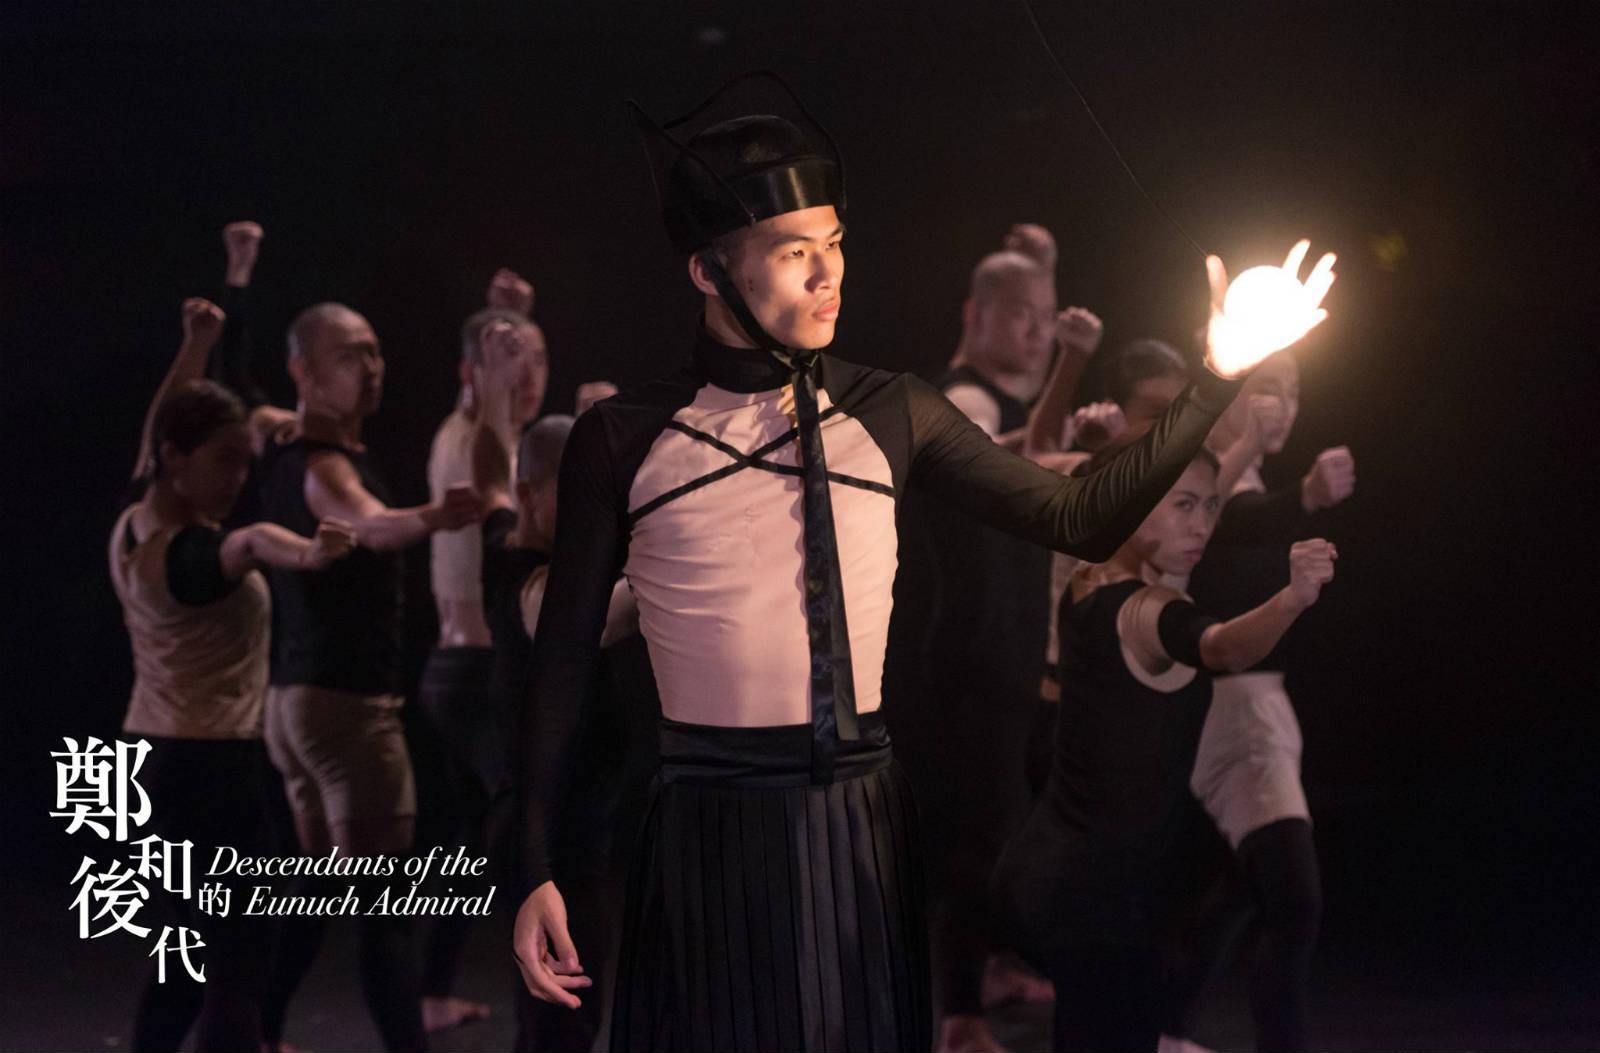 國際黑盒劇場節 2016 劇目「鄭和的後代」